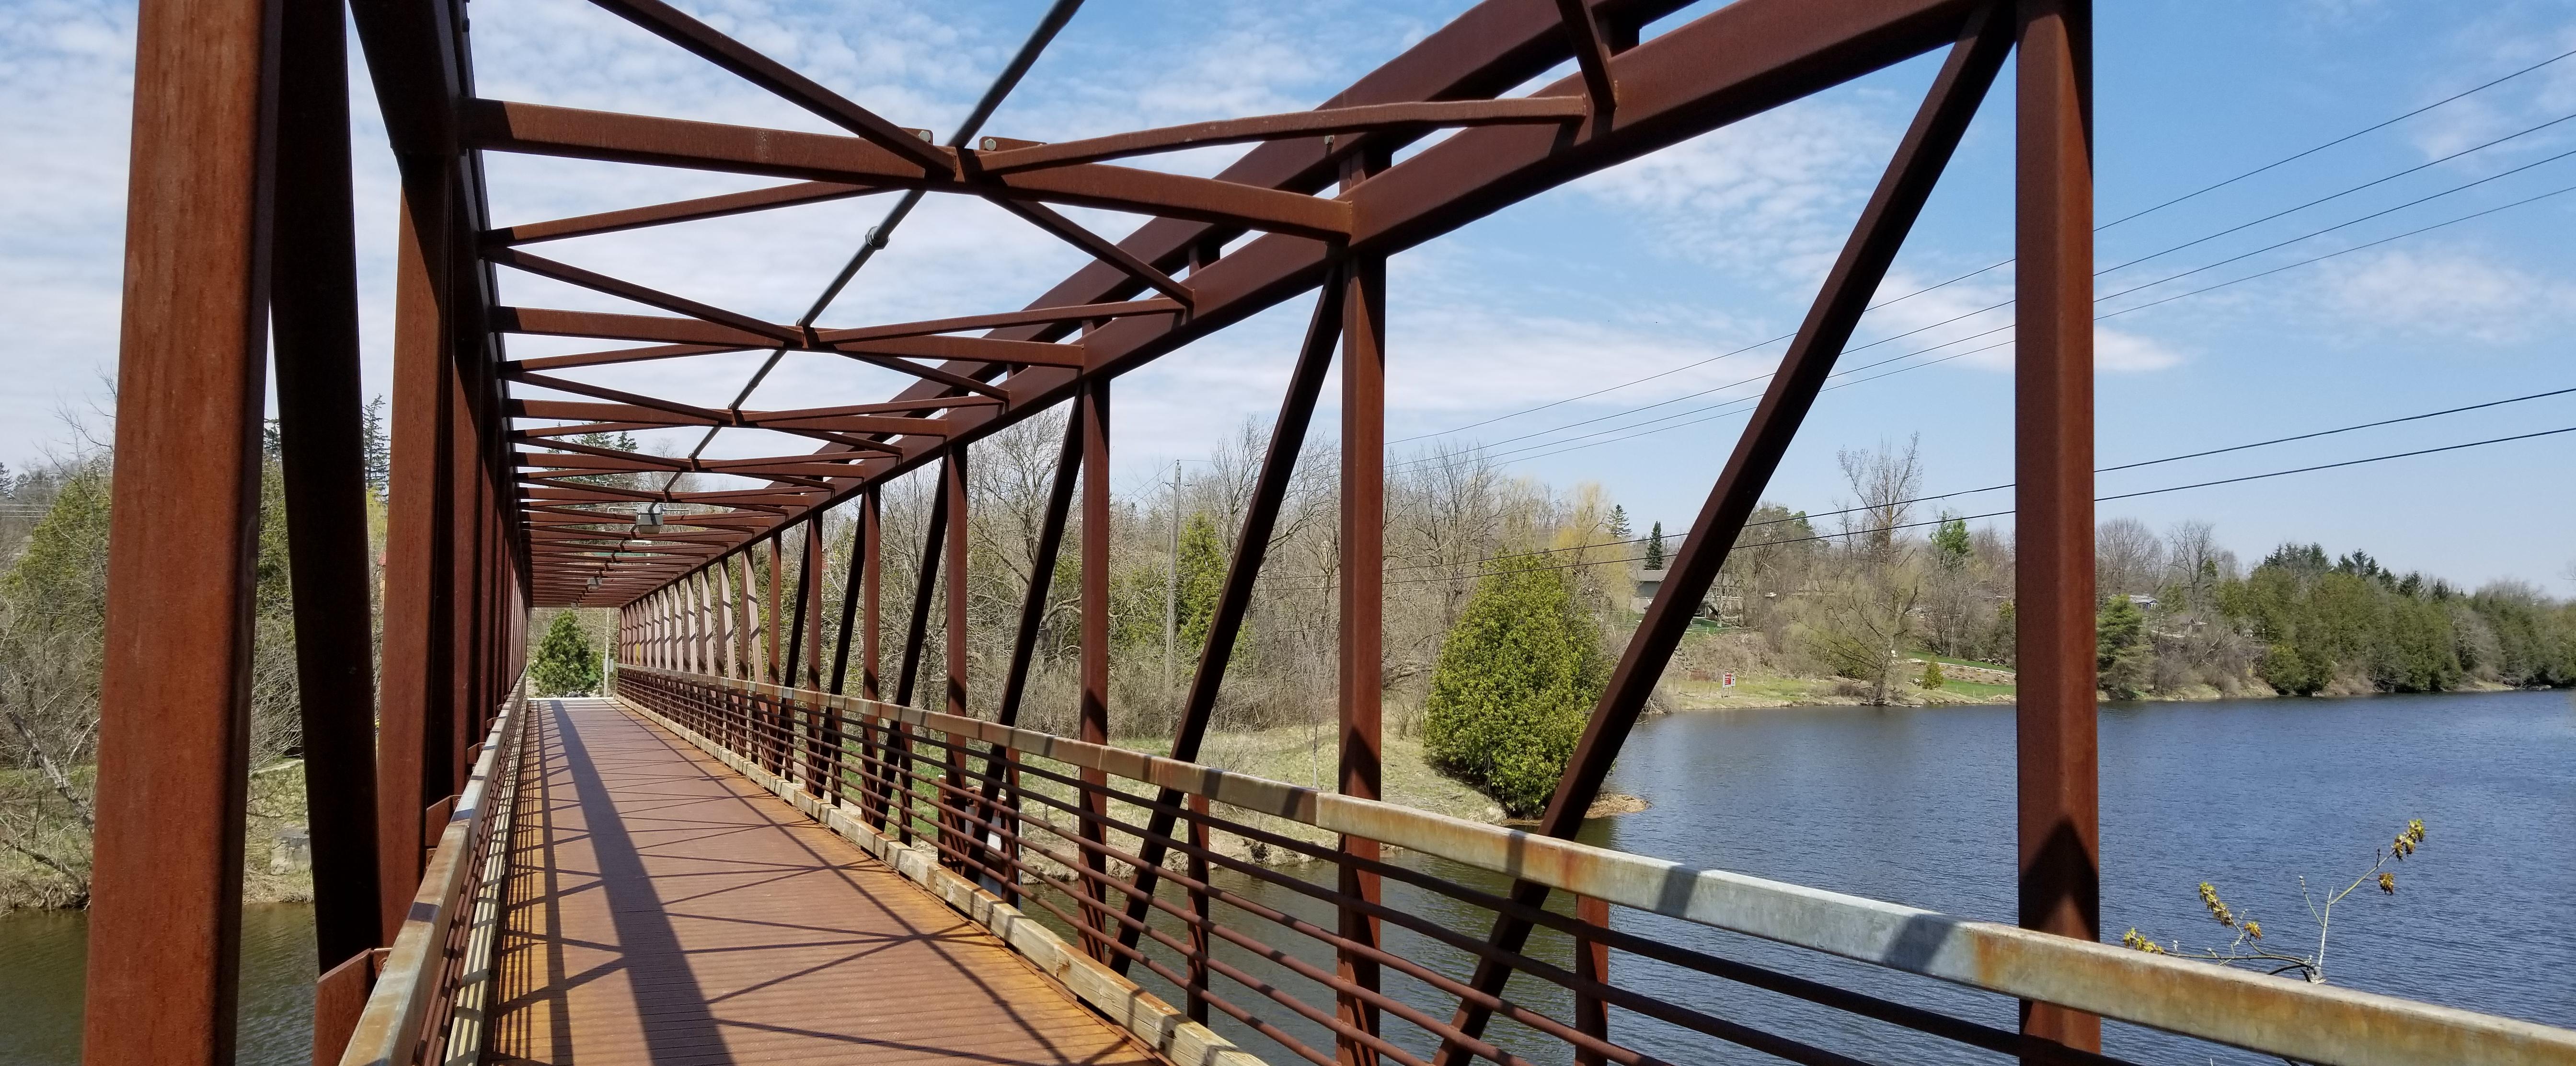 Bissel Park Pedestrian Bridge